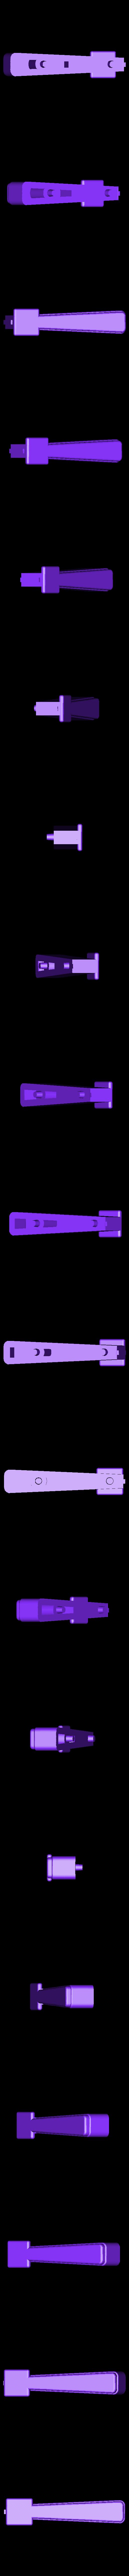 Locator_with_spigots.stl Télécharger fichier STL gratuit Bobine d'imprimante Brother Label DK • Design pour imprimante 3D, Oggie